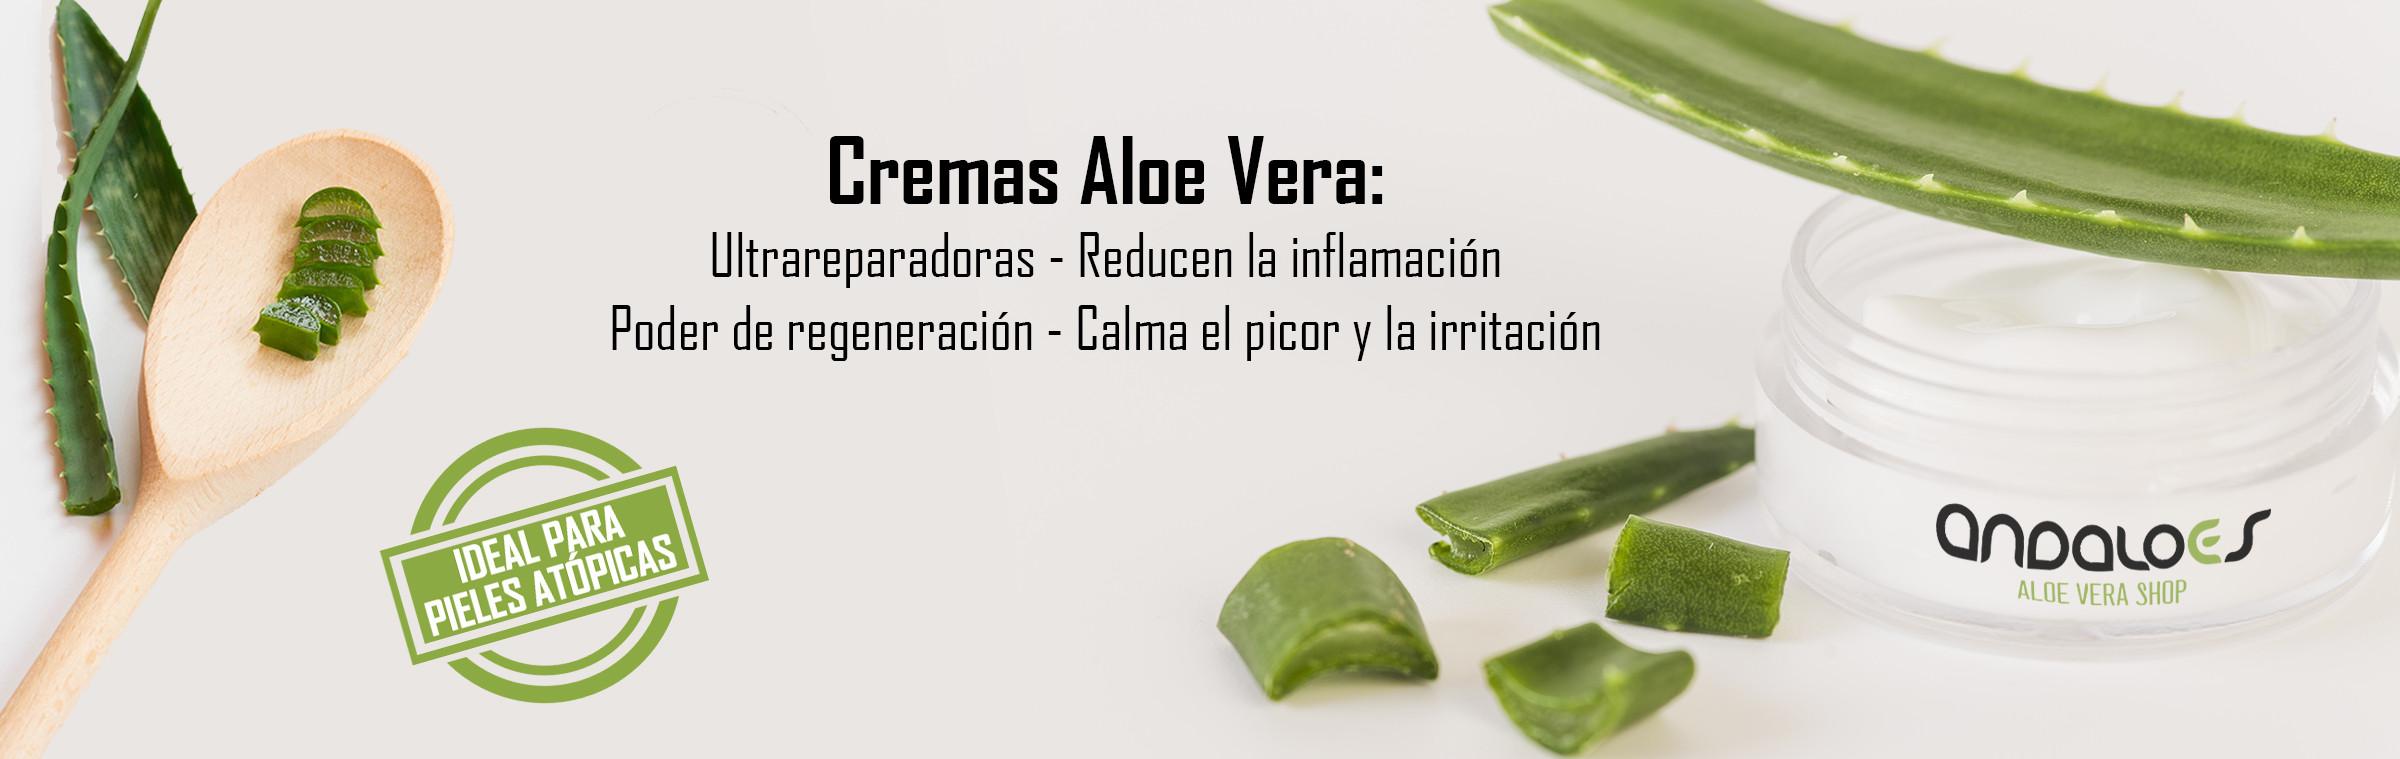 Cremas de Aloe Vera